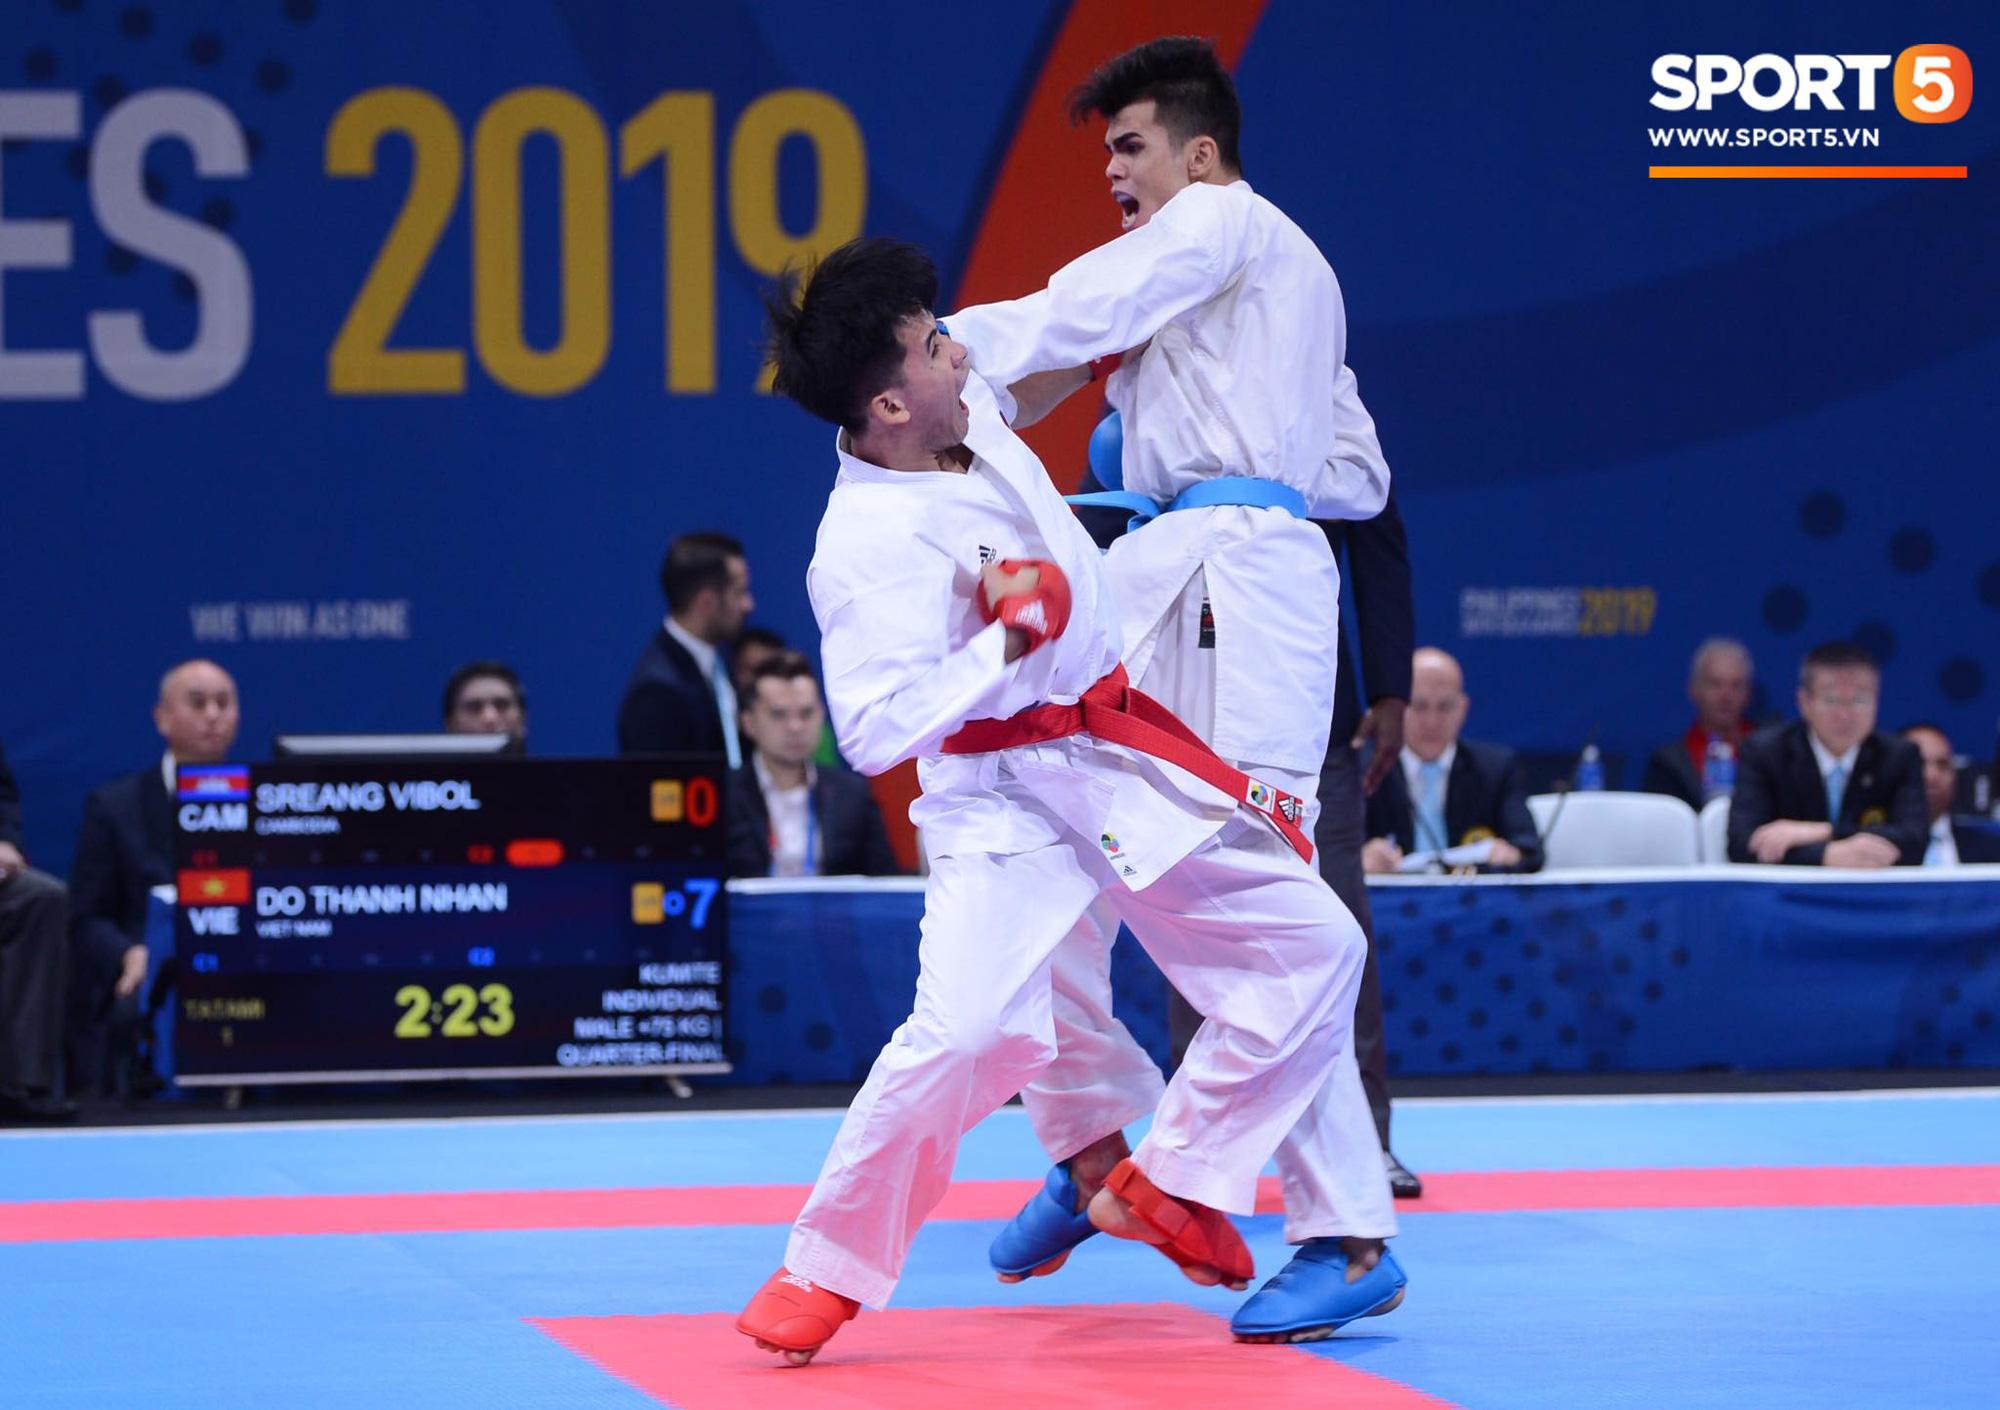 SEA Games ngày 9/12: Chờ tuyển bóng chuyền nữ Việt Nam tạo nên bất ngờ trước Thái Lan ở chung kết - Ảnh 3.